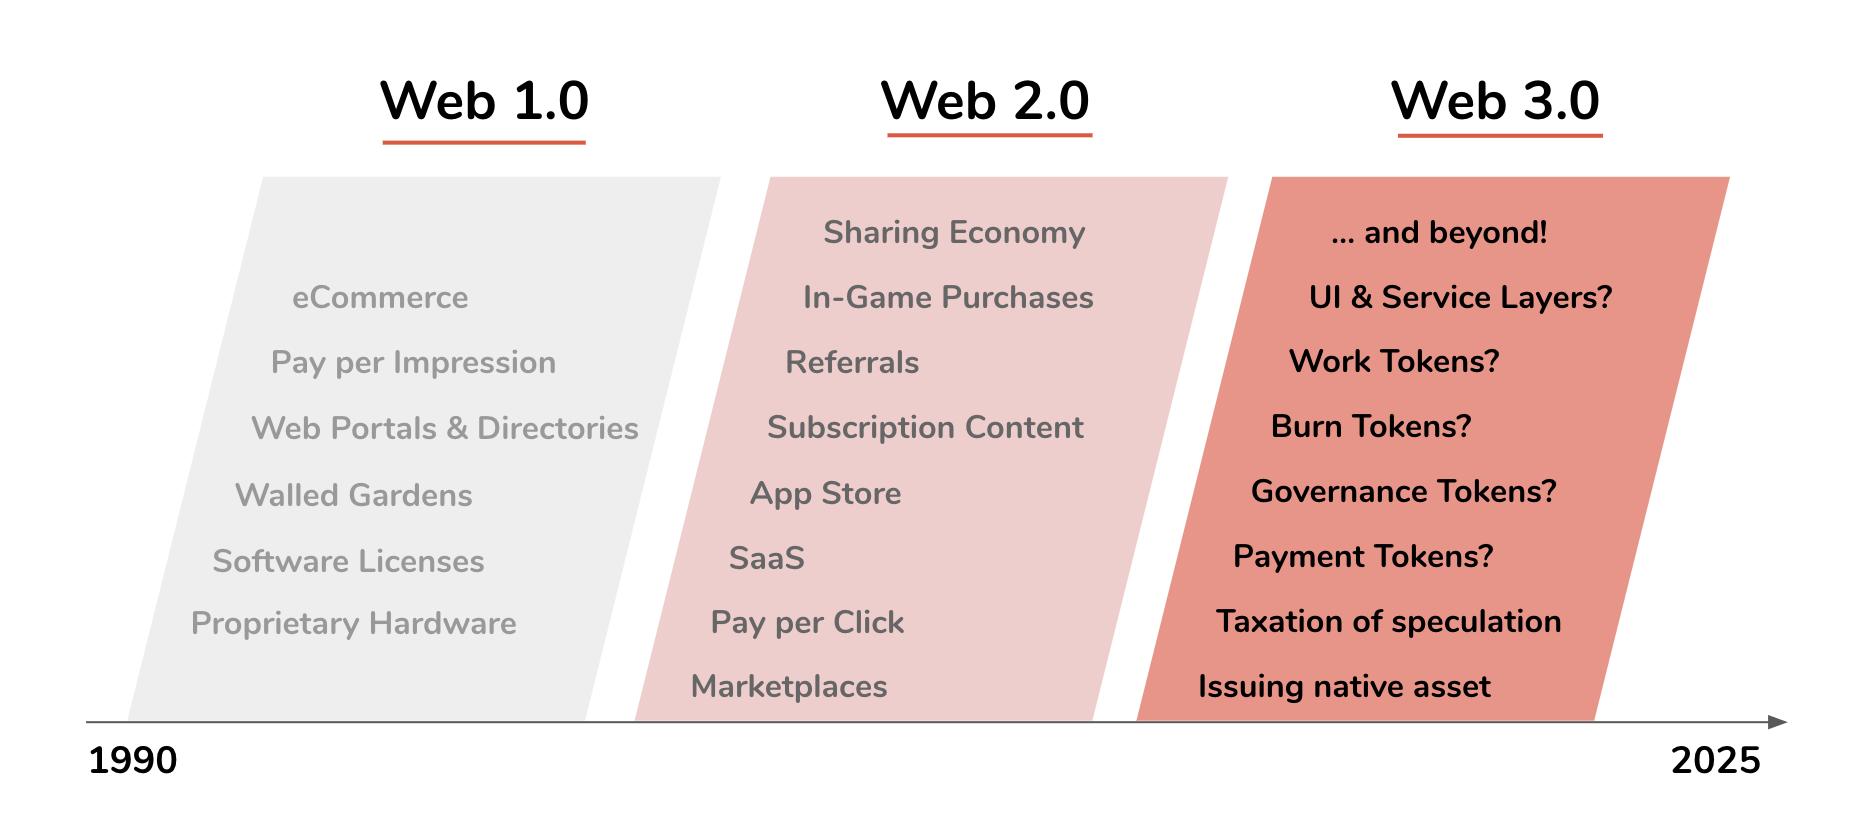 参考 Web 2.0 的世界,Web 3.0 将迎来哪些全新的商业模式?